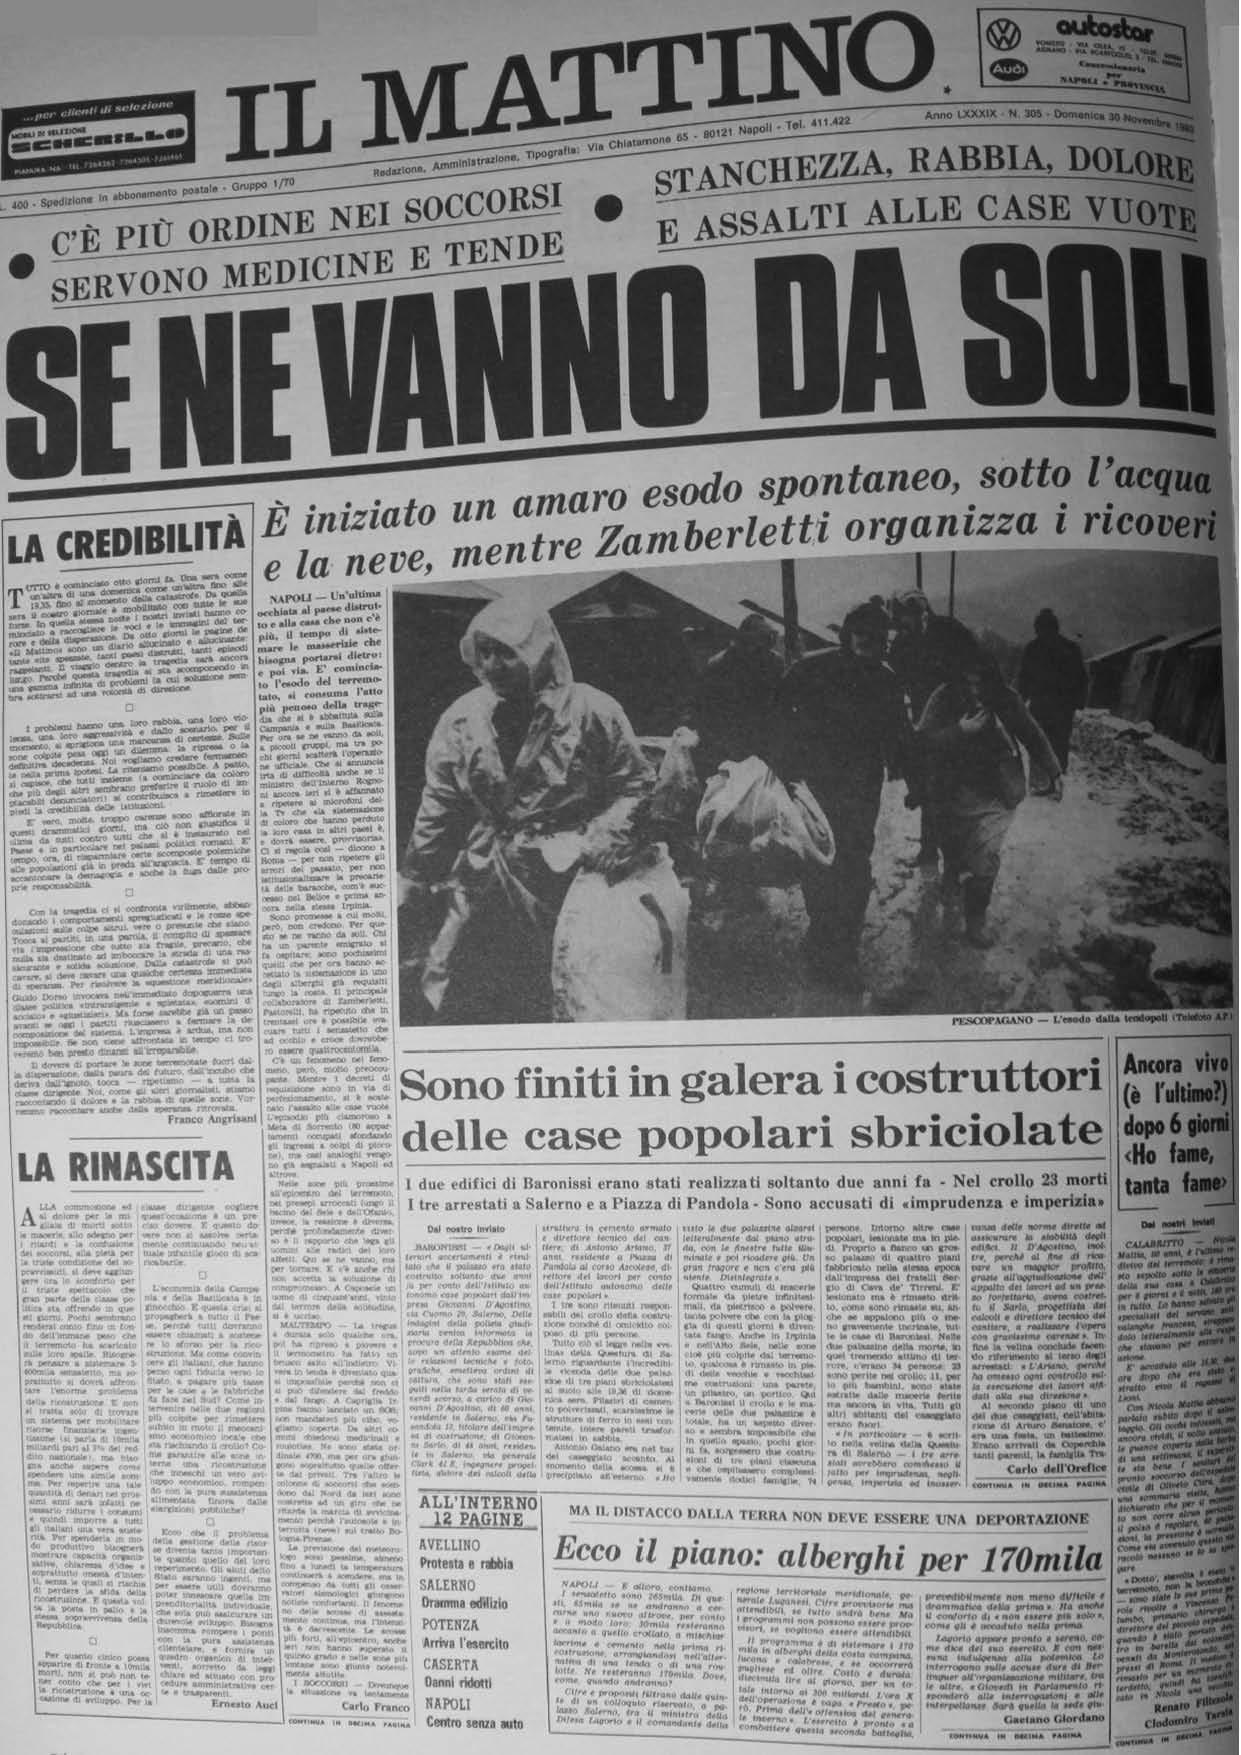 Il Mattino, 30.11.1980